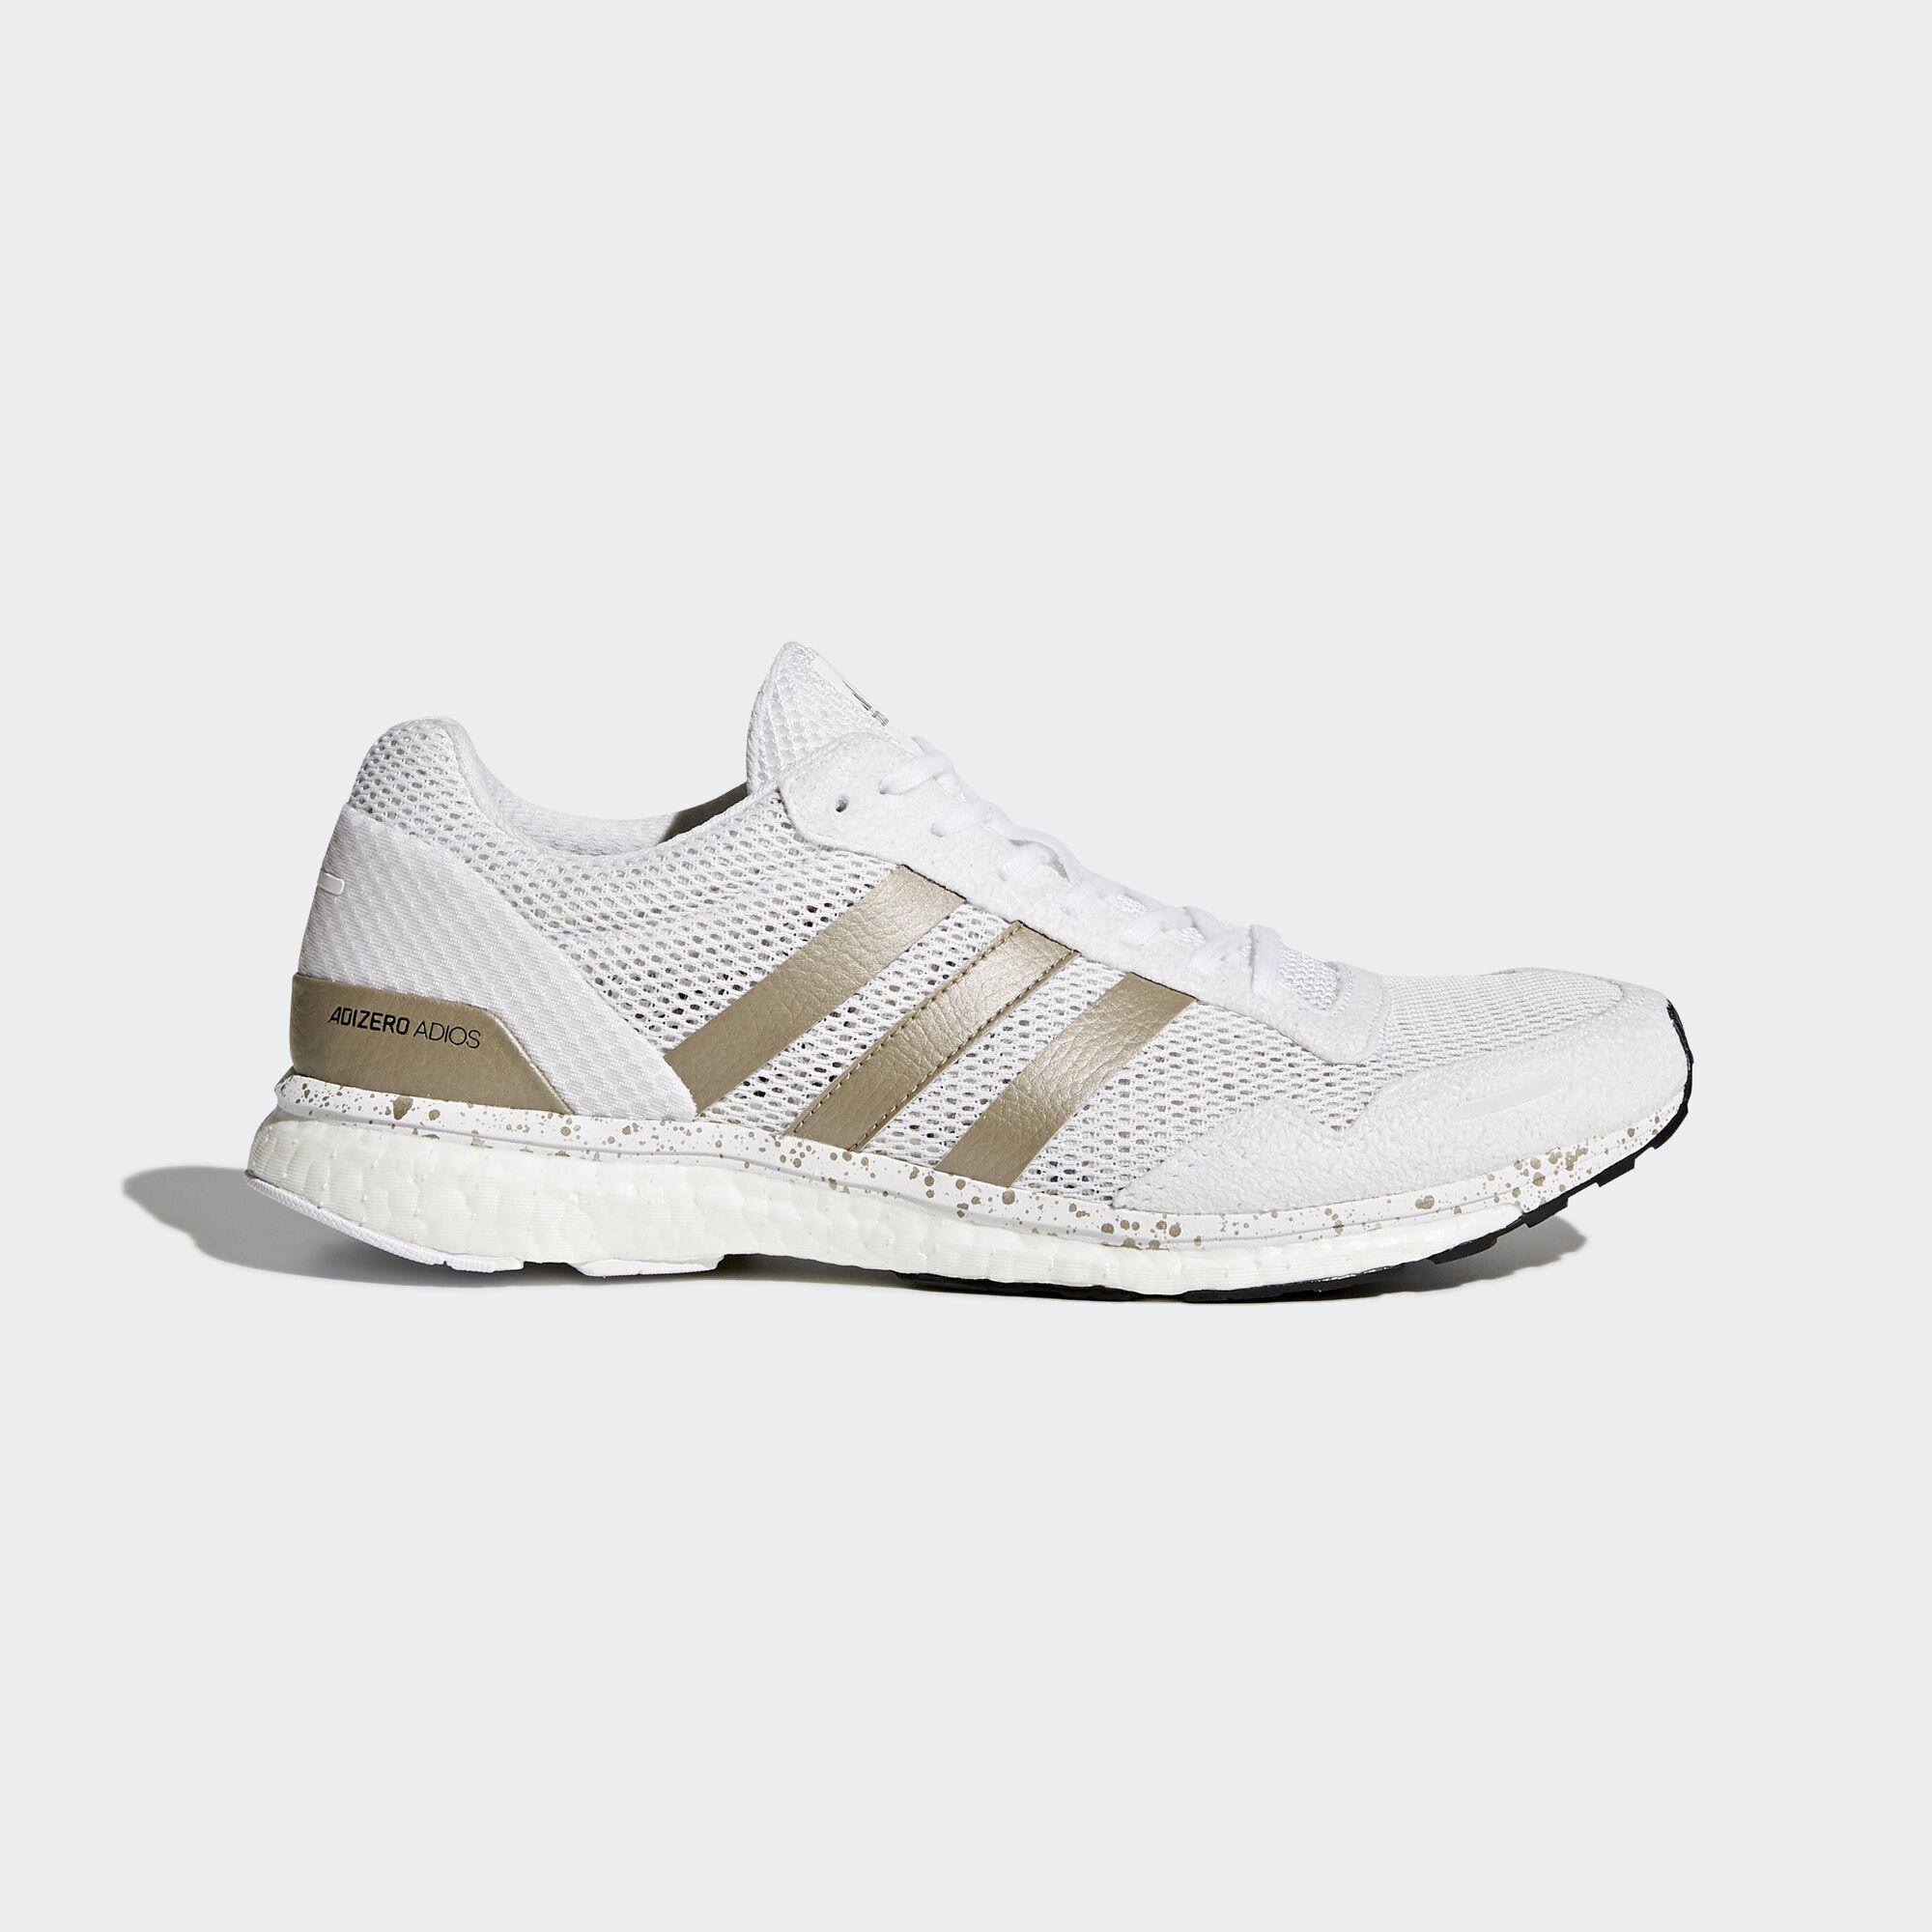 Adidas adizero Adios 3 Zapatos Adidas blancos Asia / Oriente Medio